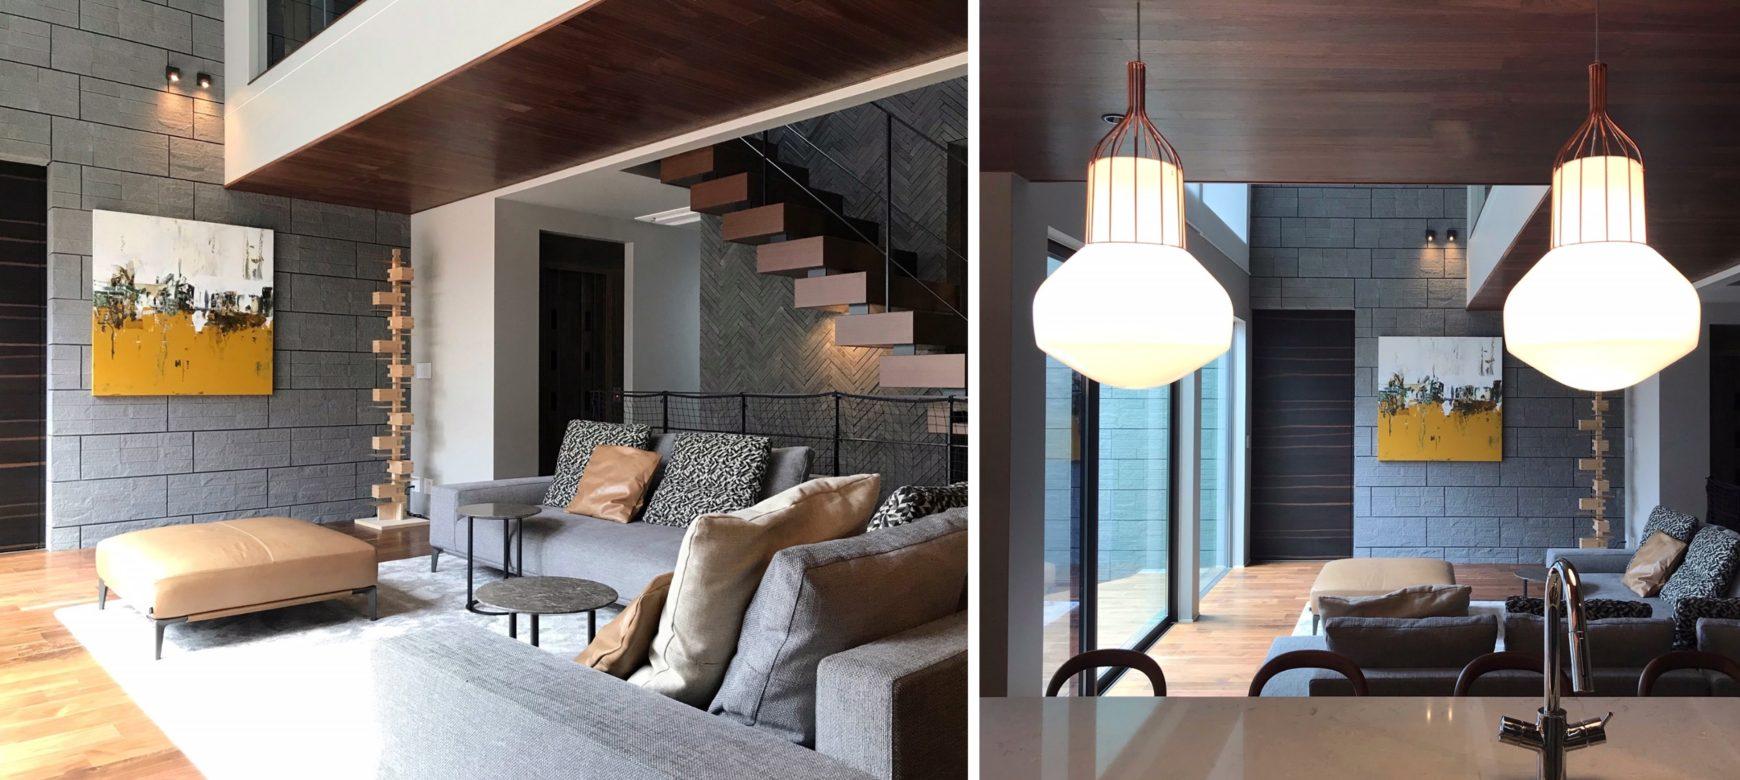 ミノッティの家具とアート